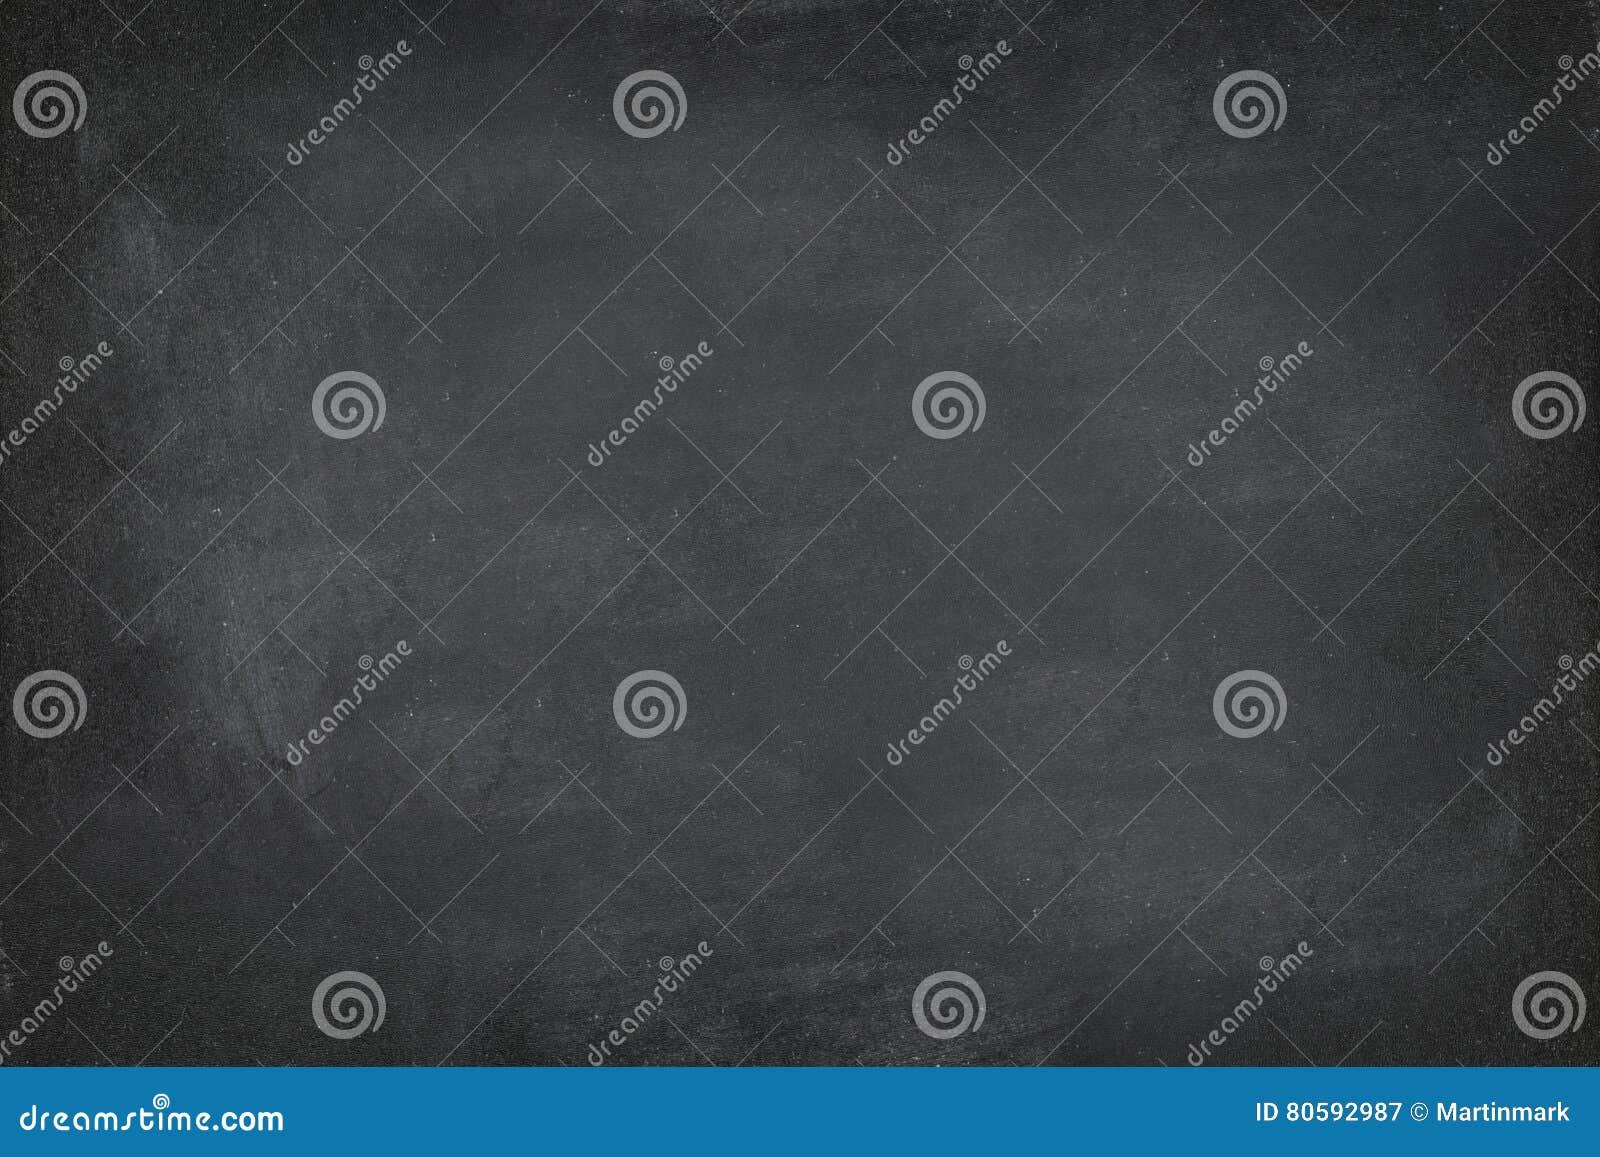 黑黑板黑板纹理背景